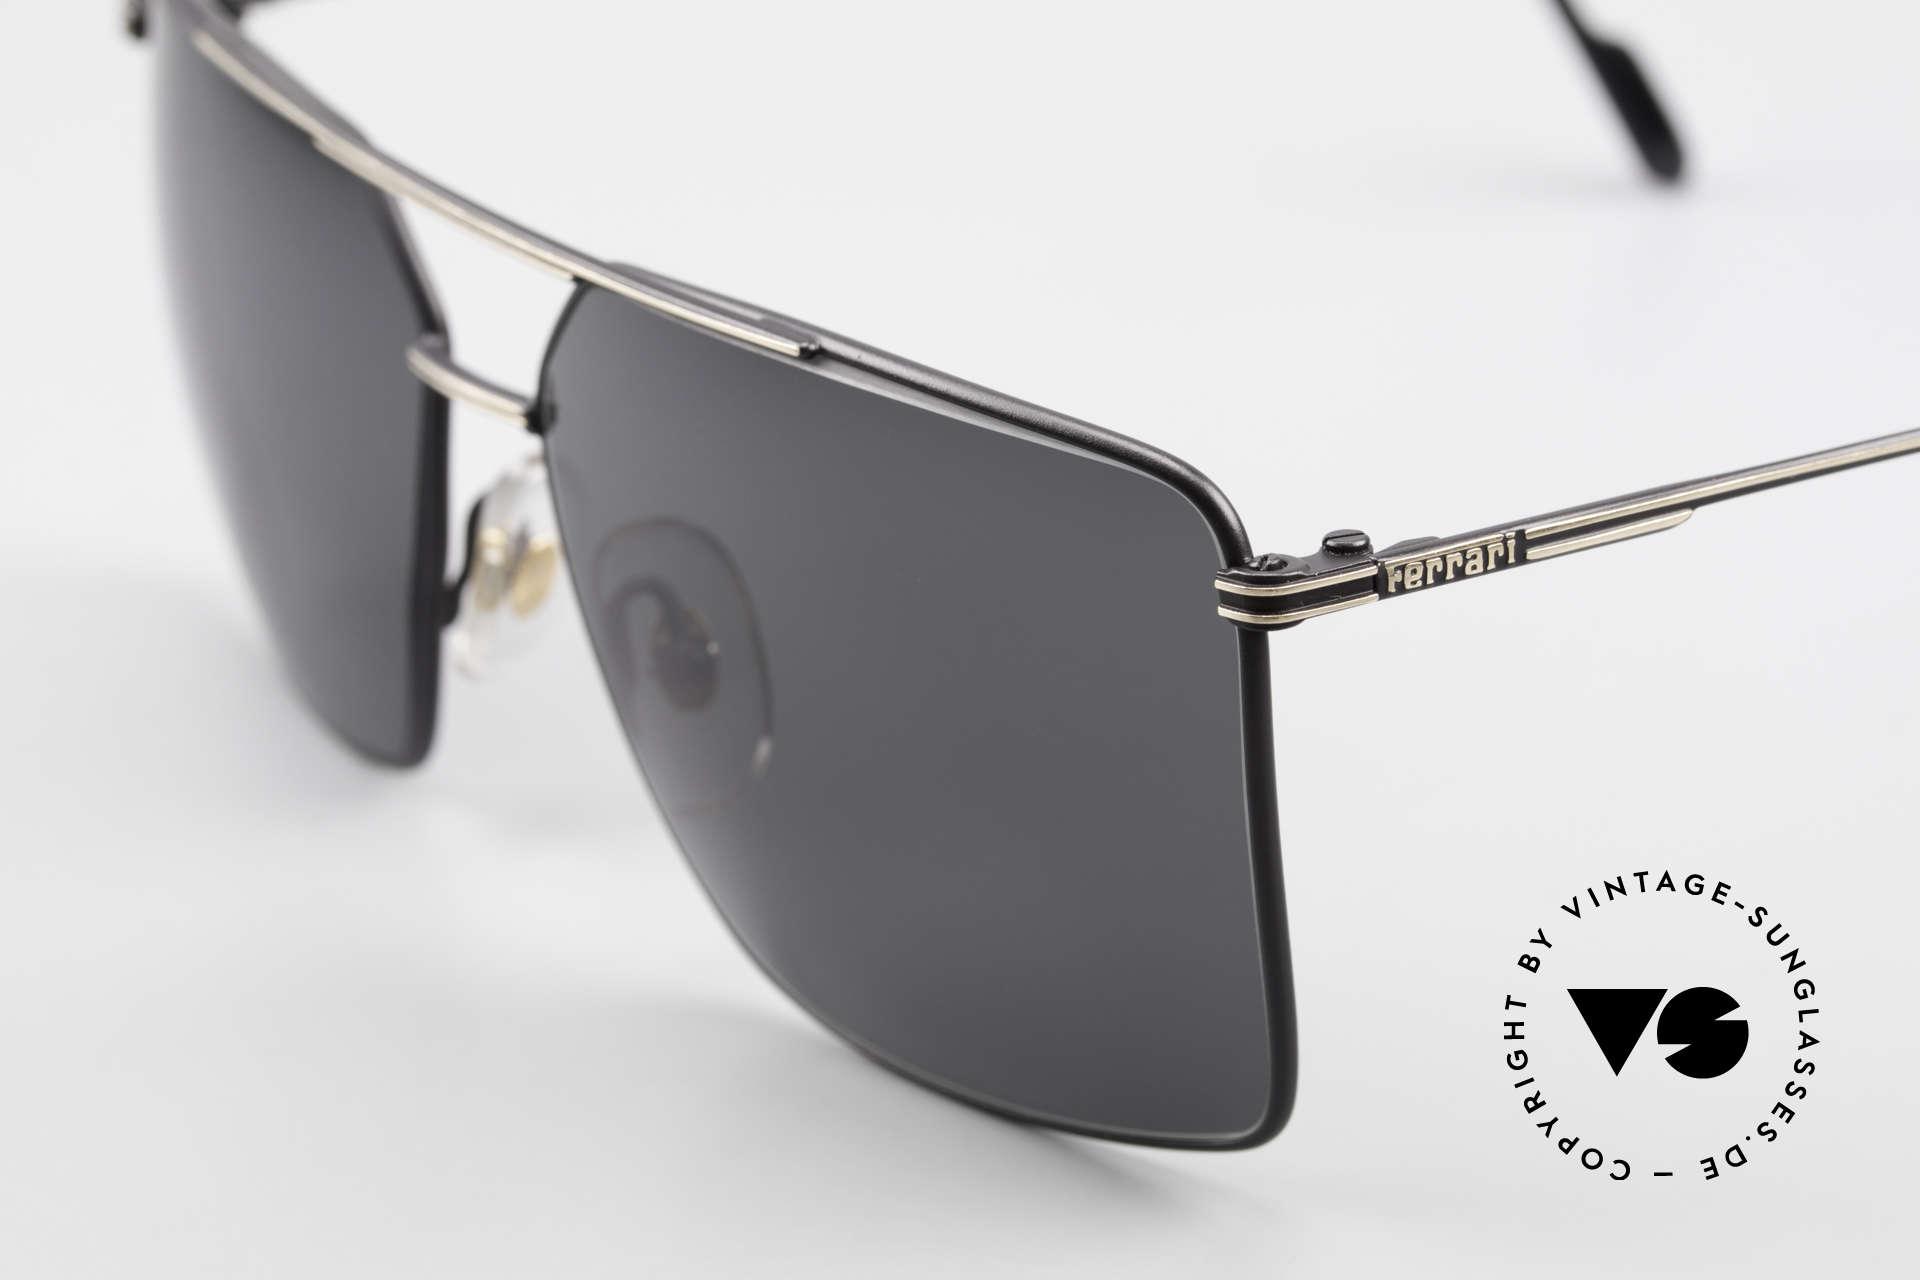 Ferrari F46 Retro Sunglasses Old Vintage, never worn (like all our vintage 90's Ferrari specs), Made for Men